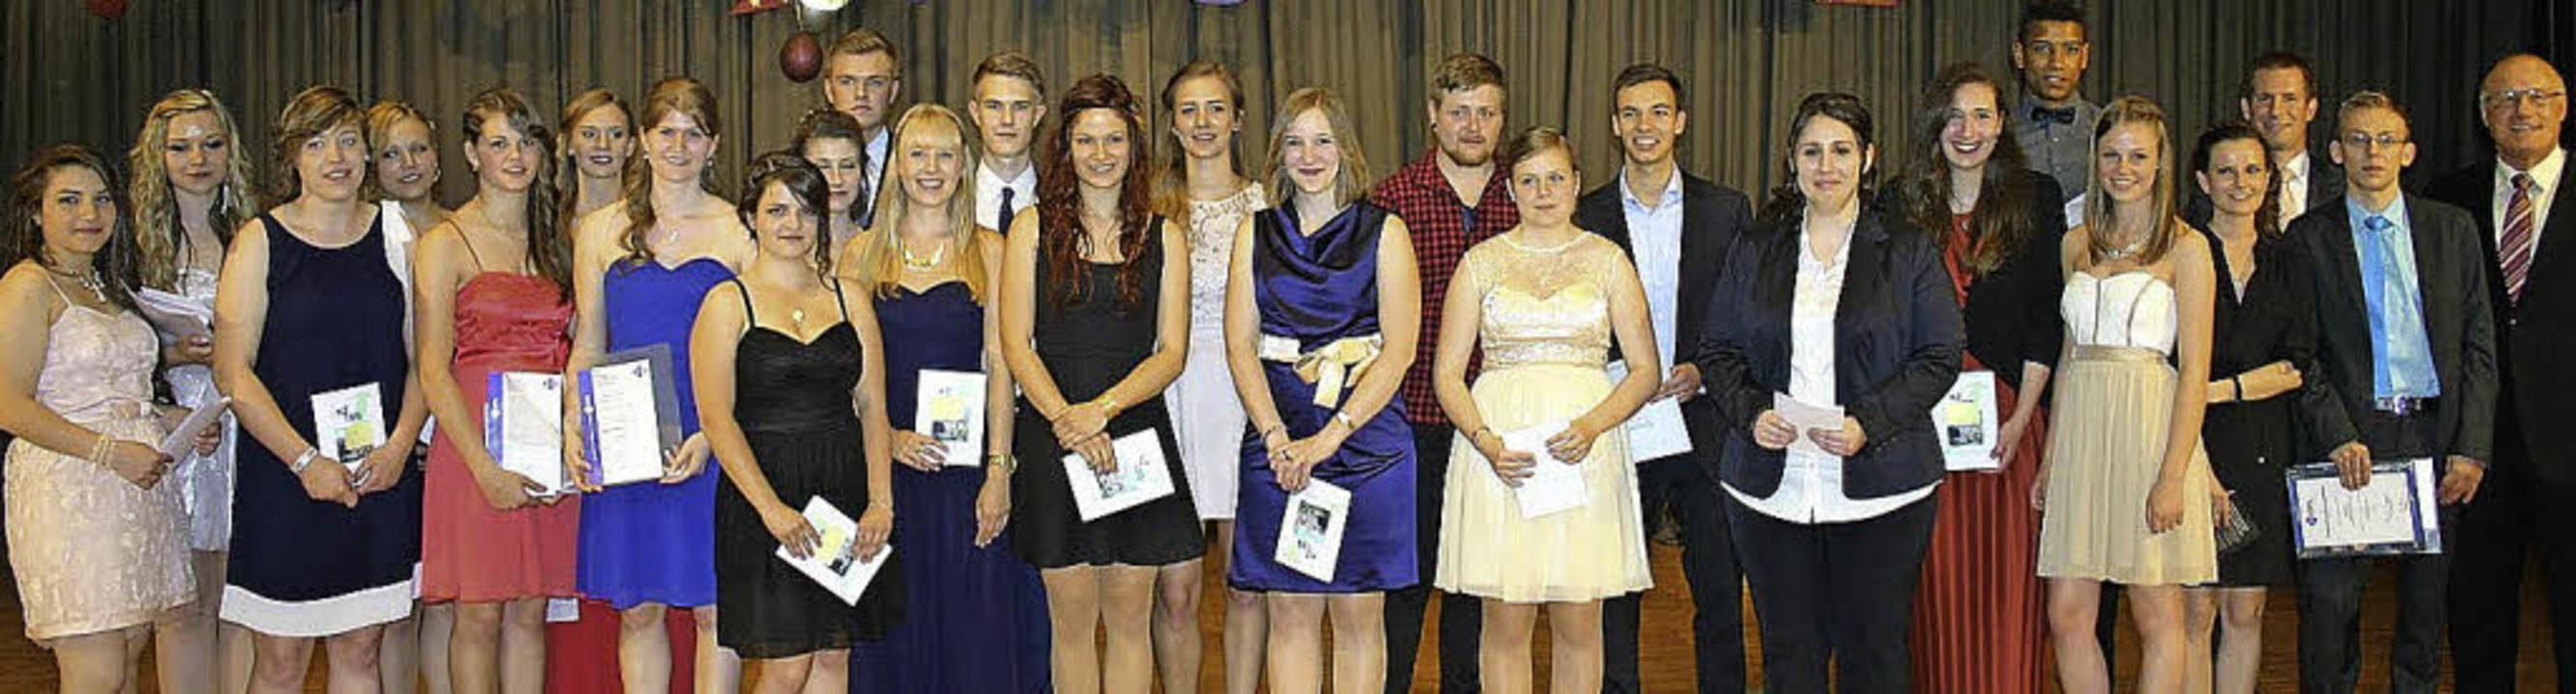 So sehen Abiturienten aus: der Abschlussjahrgang 2014.     Foto: Schule